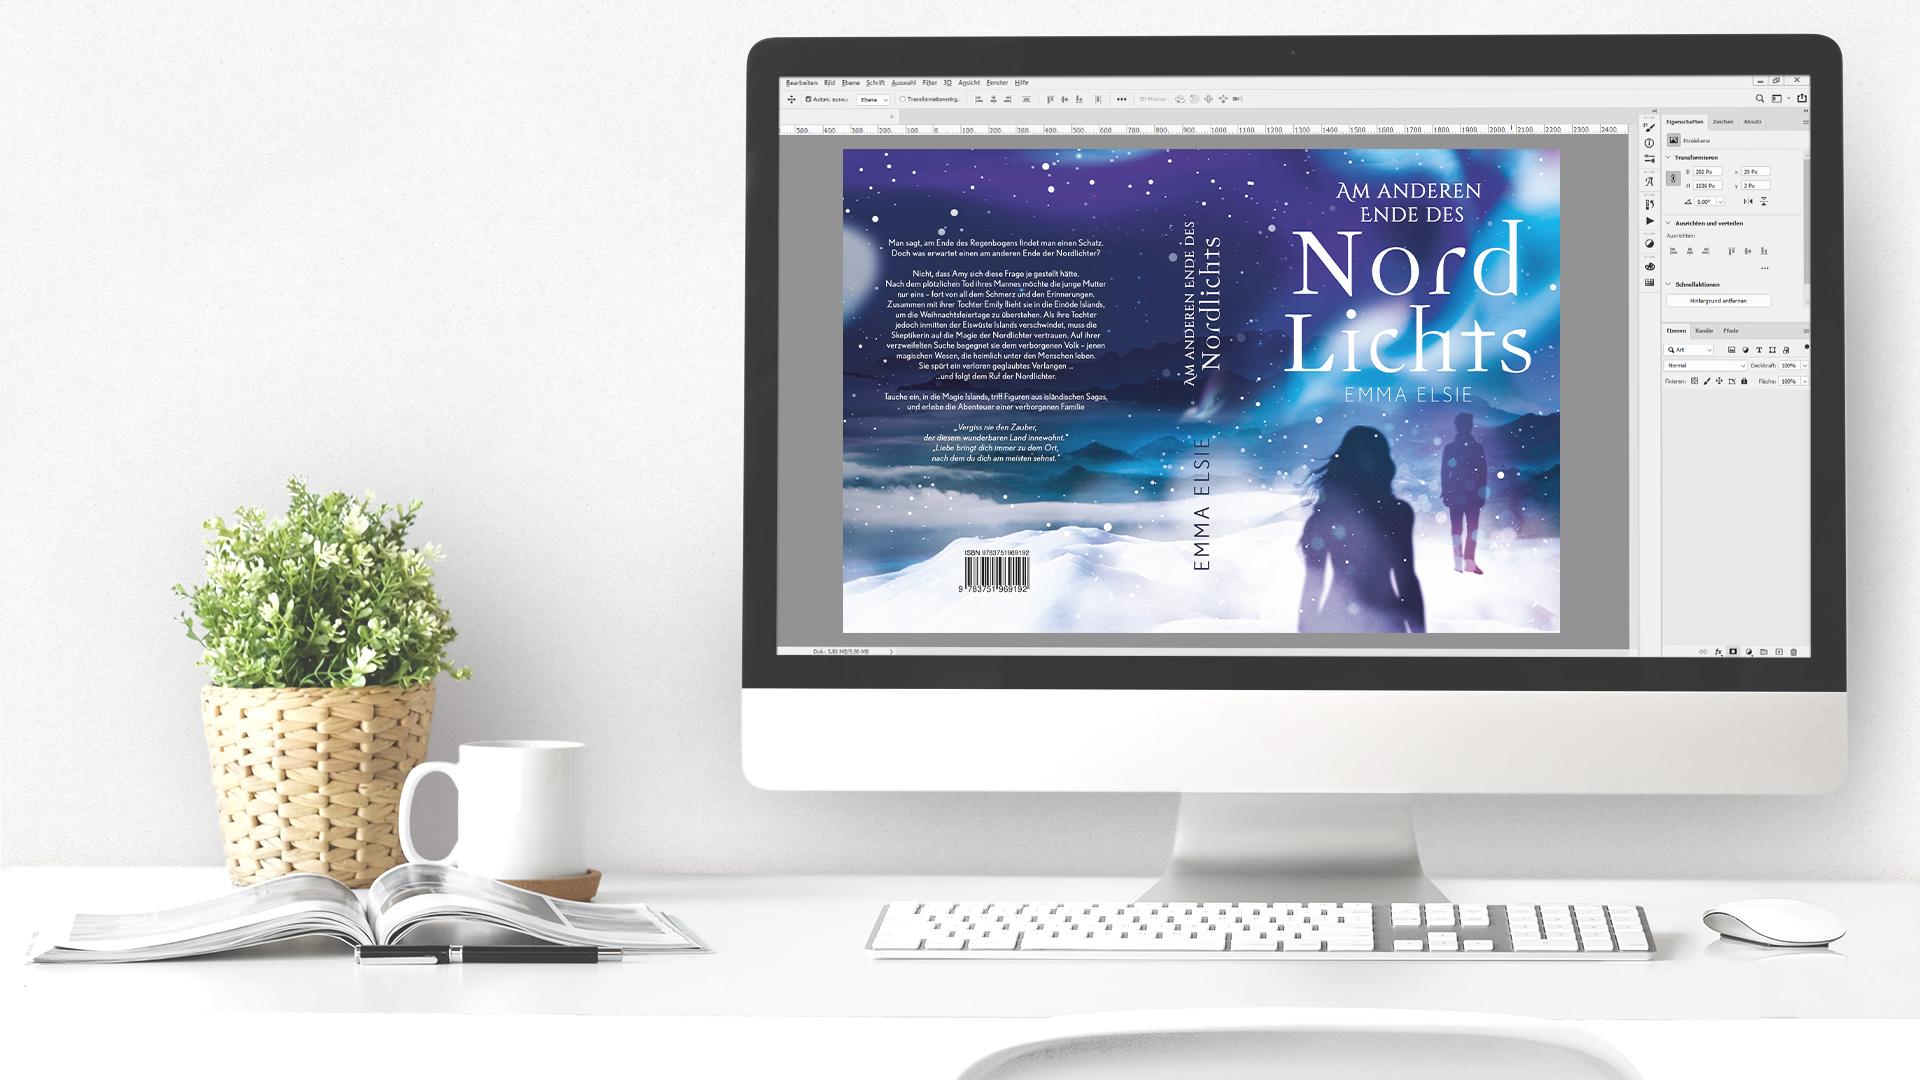 Am anderen Ende des Nordlichts